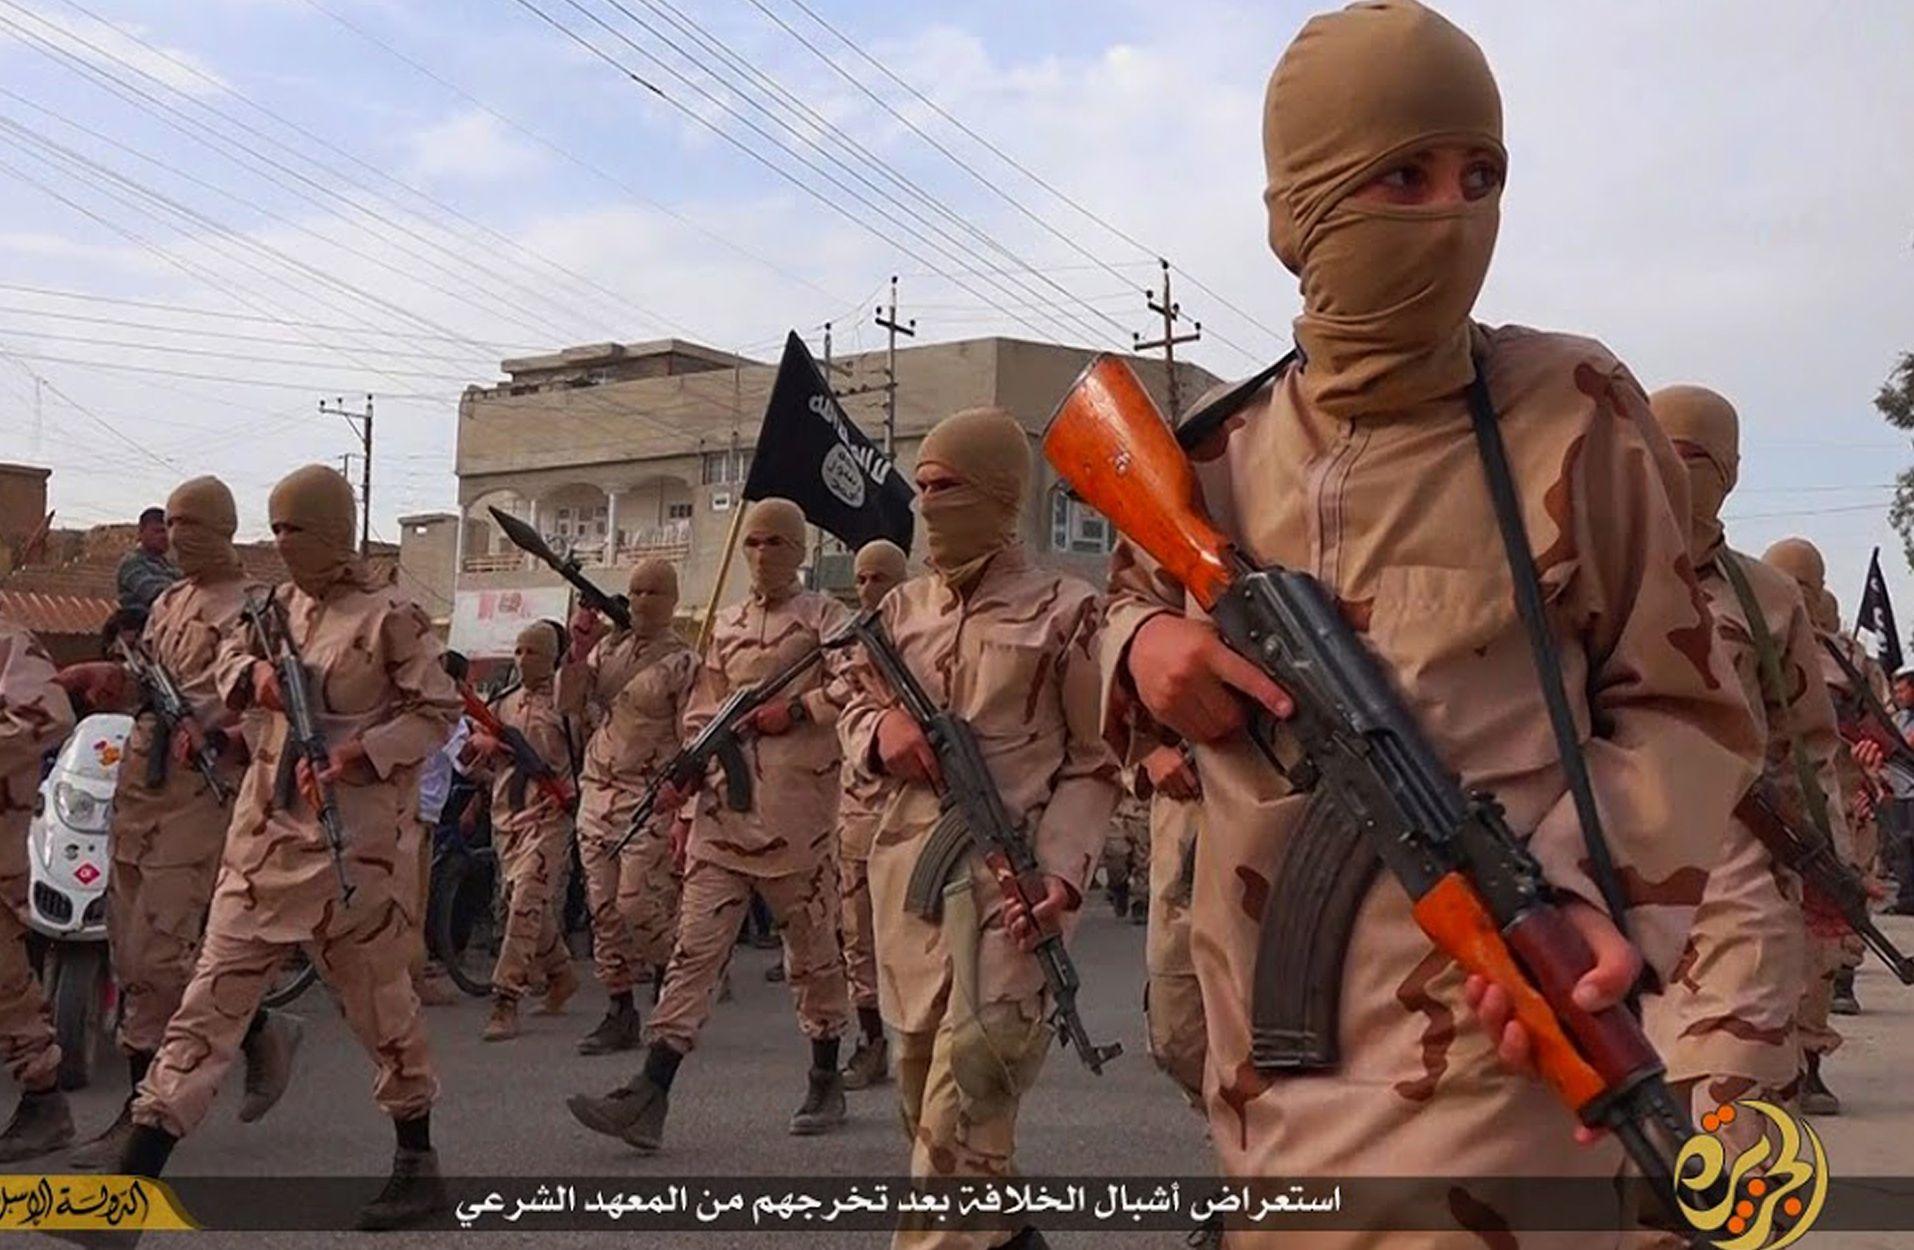 07_14_ISISKids_15